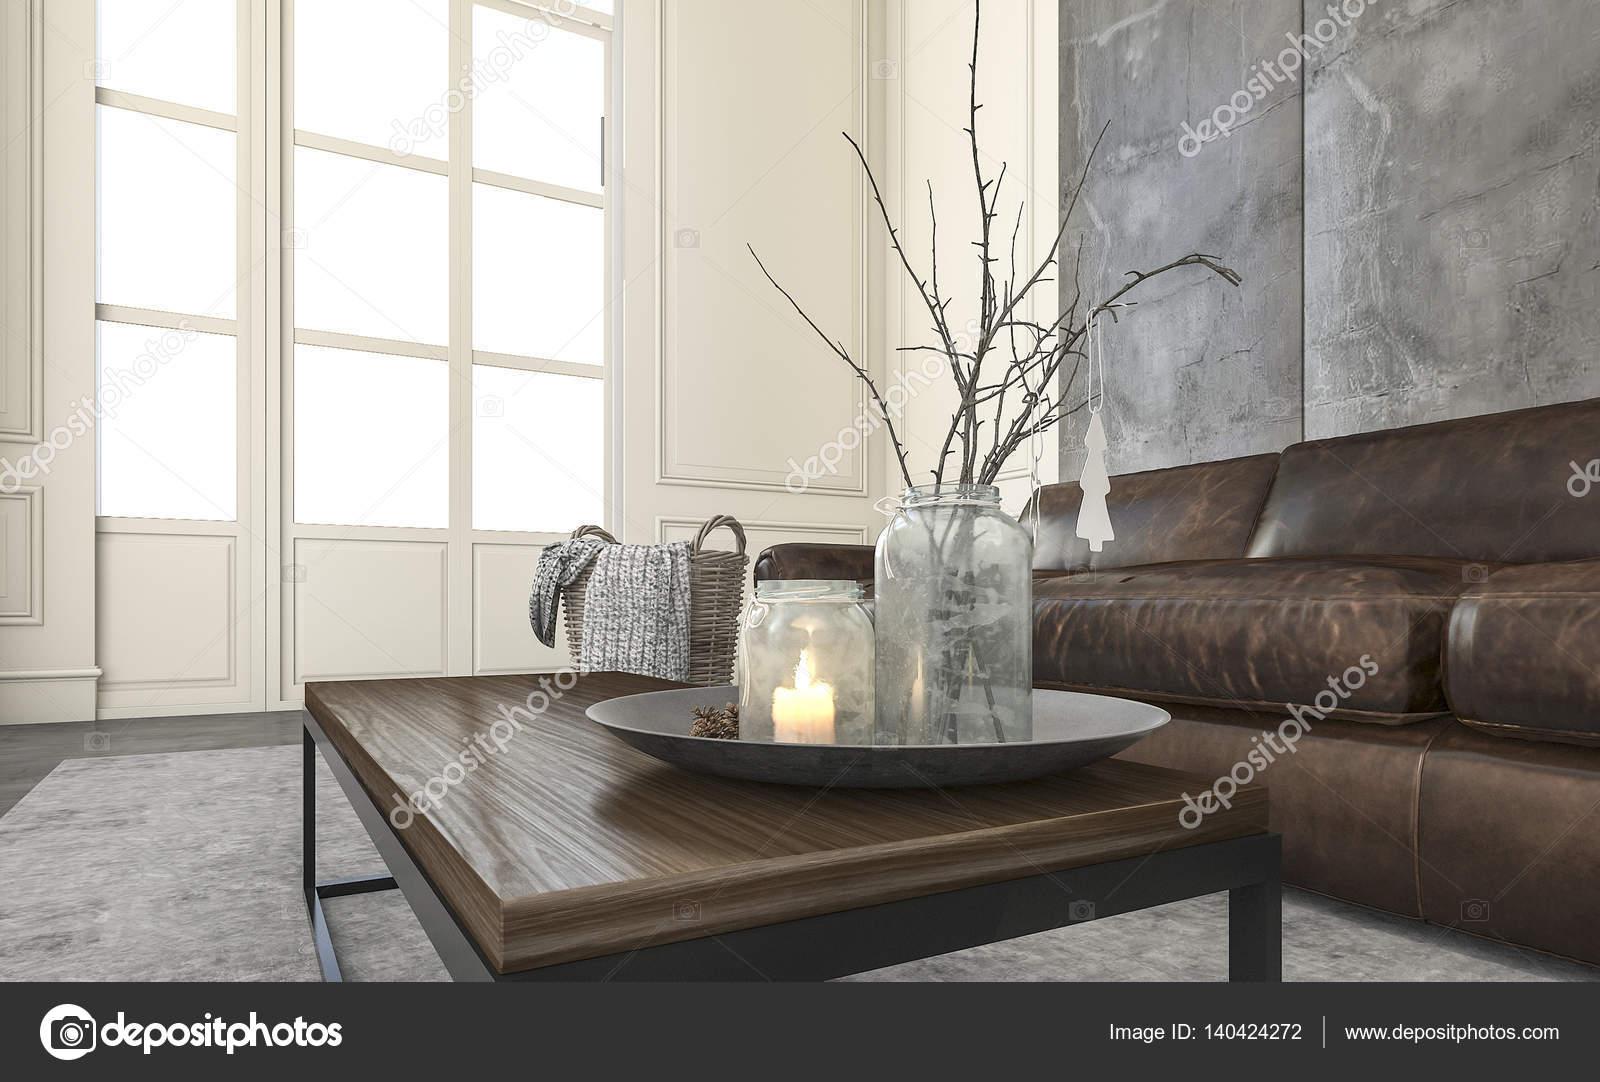 Woonkamer Accessoires Decoratie : D rendering daglicht in woonkamer met leuke decoratie en